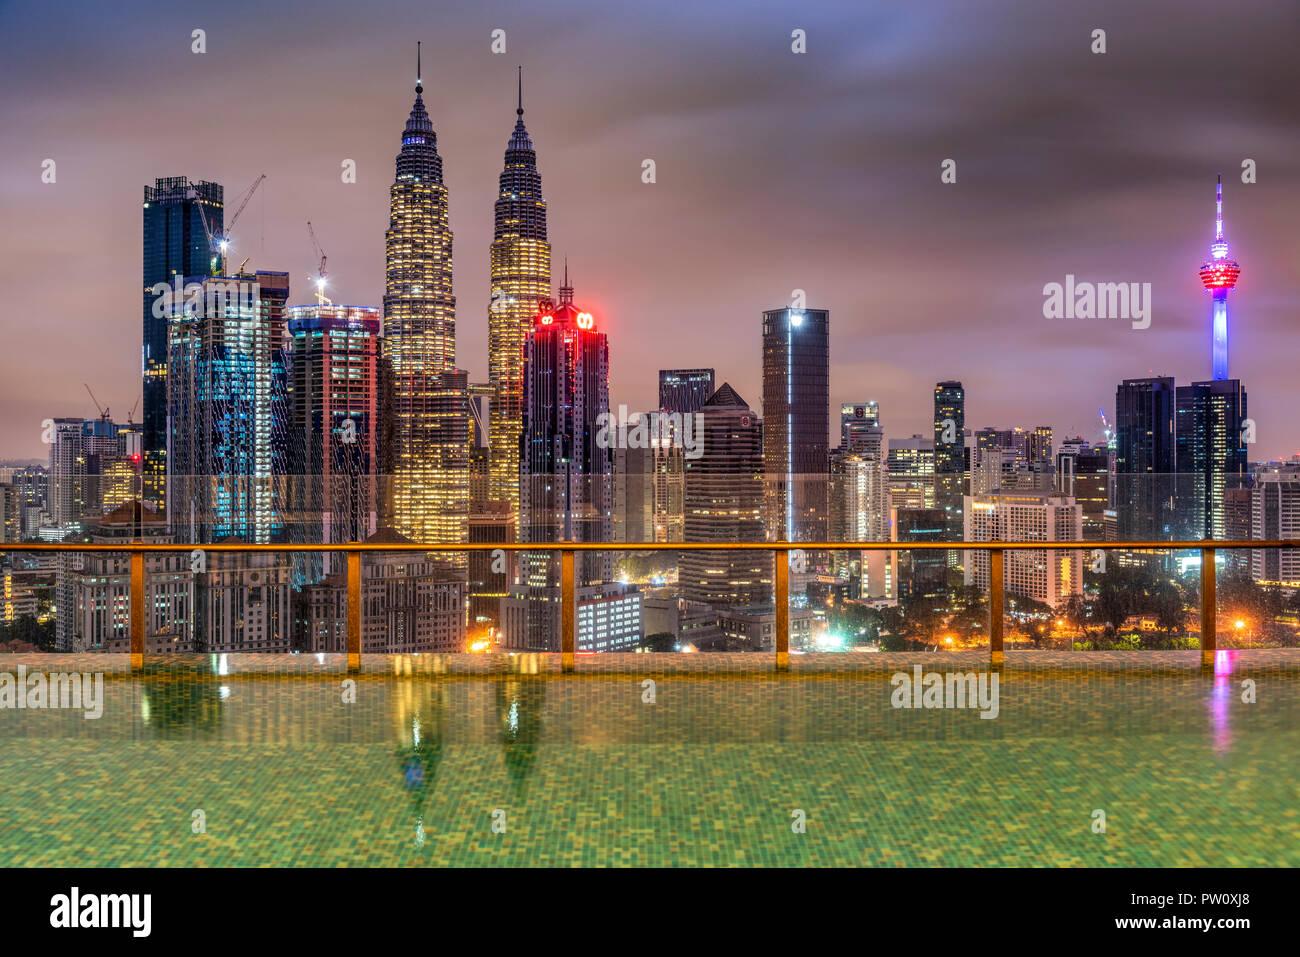 El horizonte de la ciudad con piscina infinity, Kuala Lumpur, Malasia Imagen De Stock